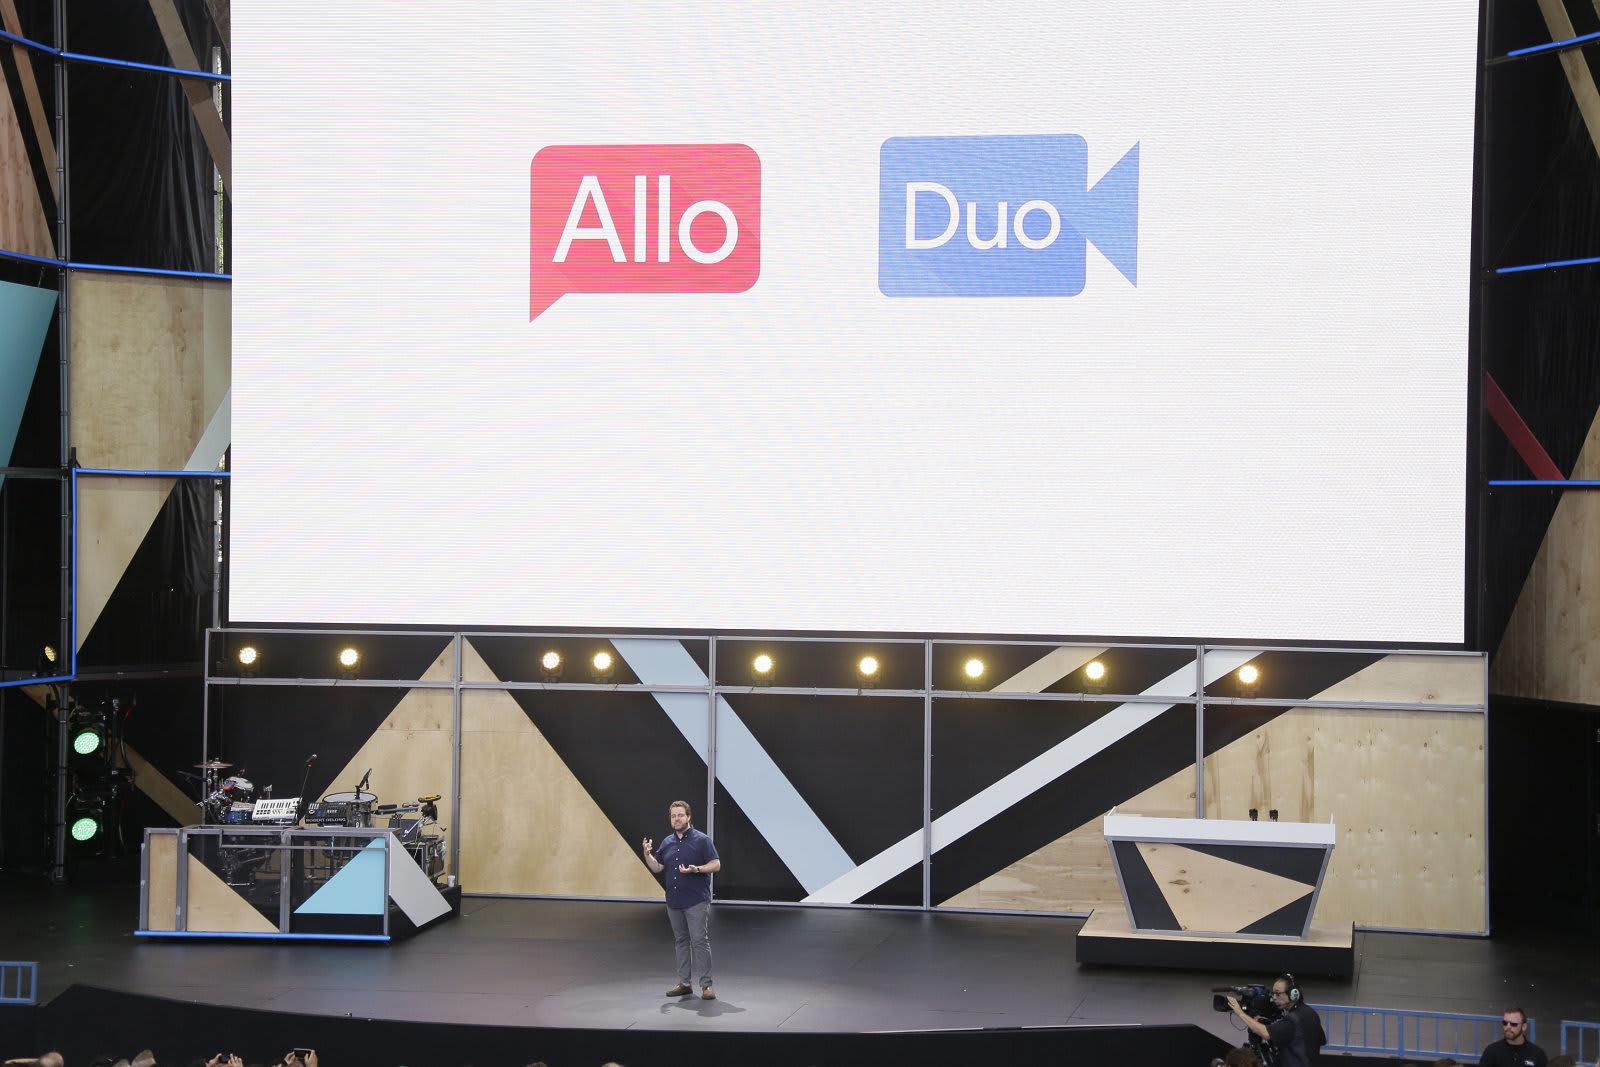 Google Showcase